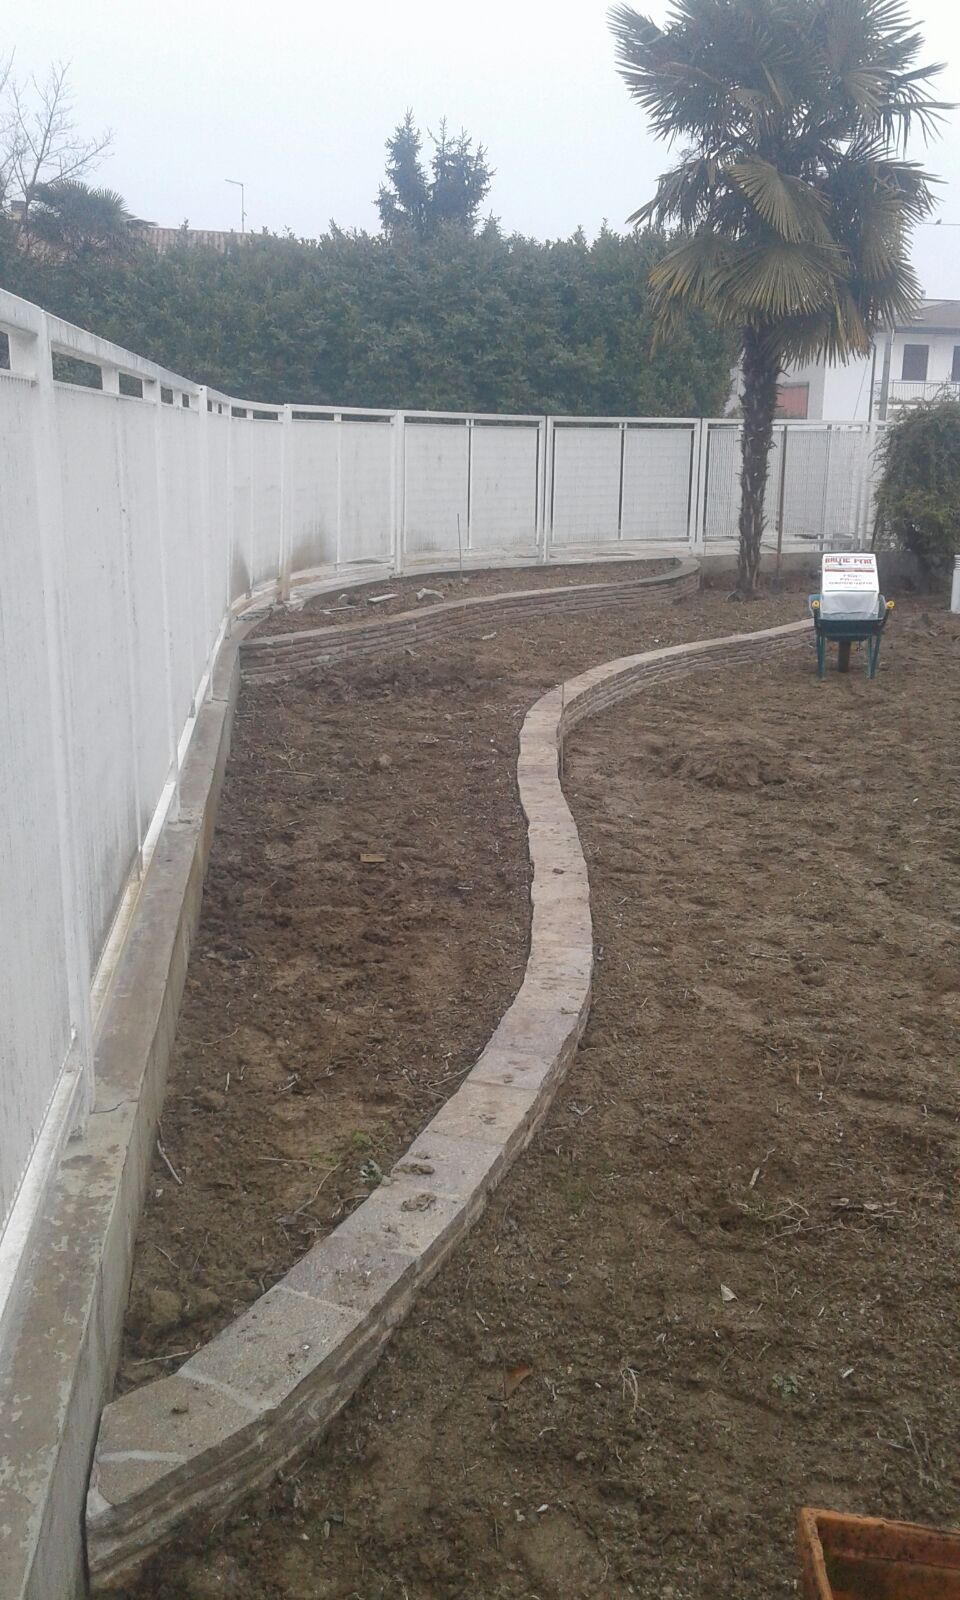 Progetta giardini 03-02